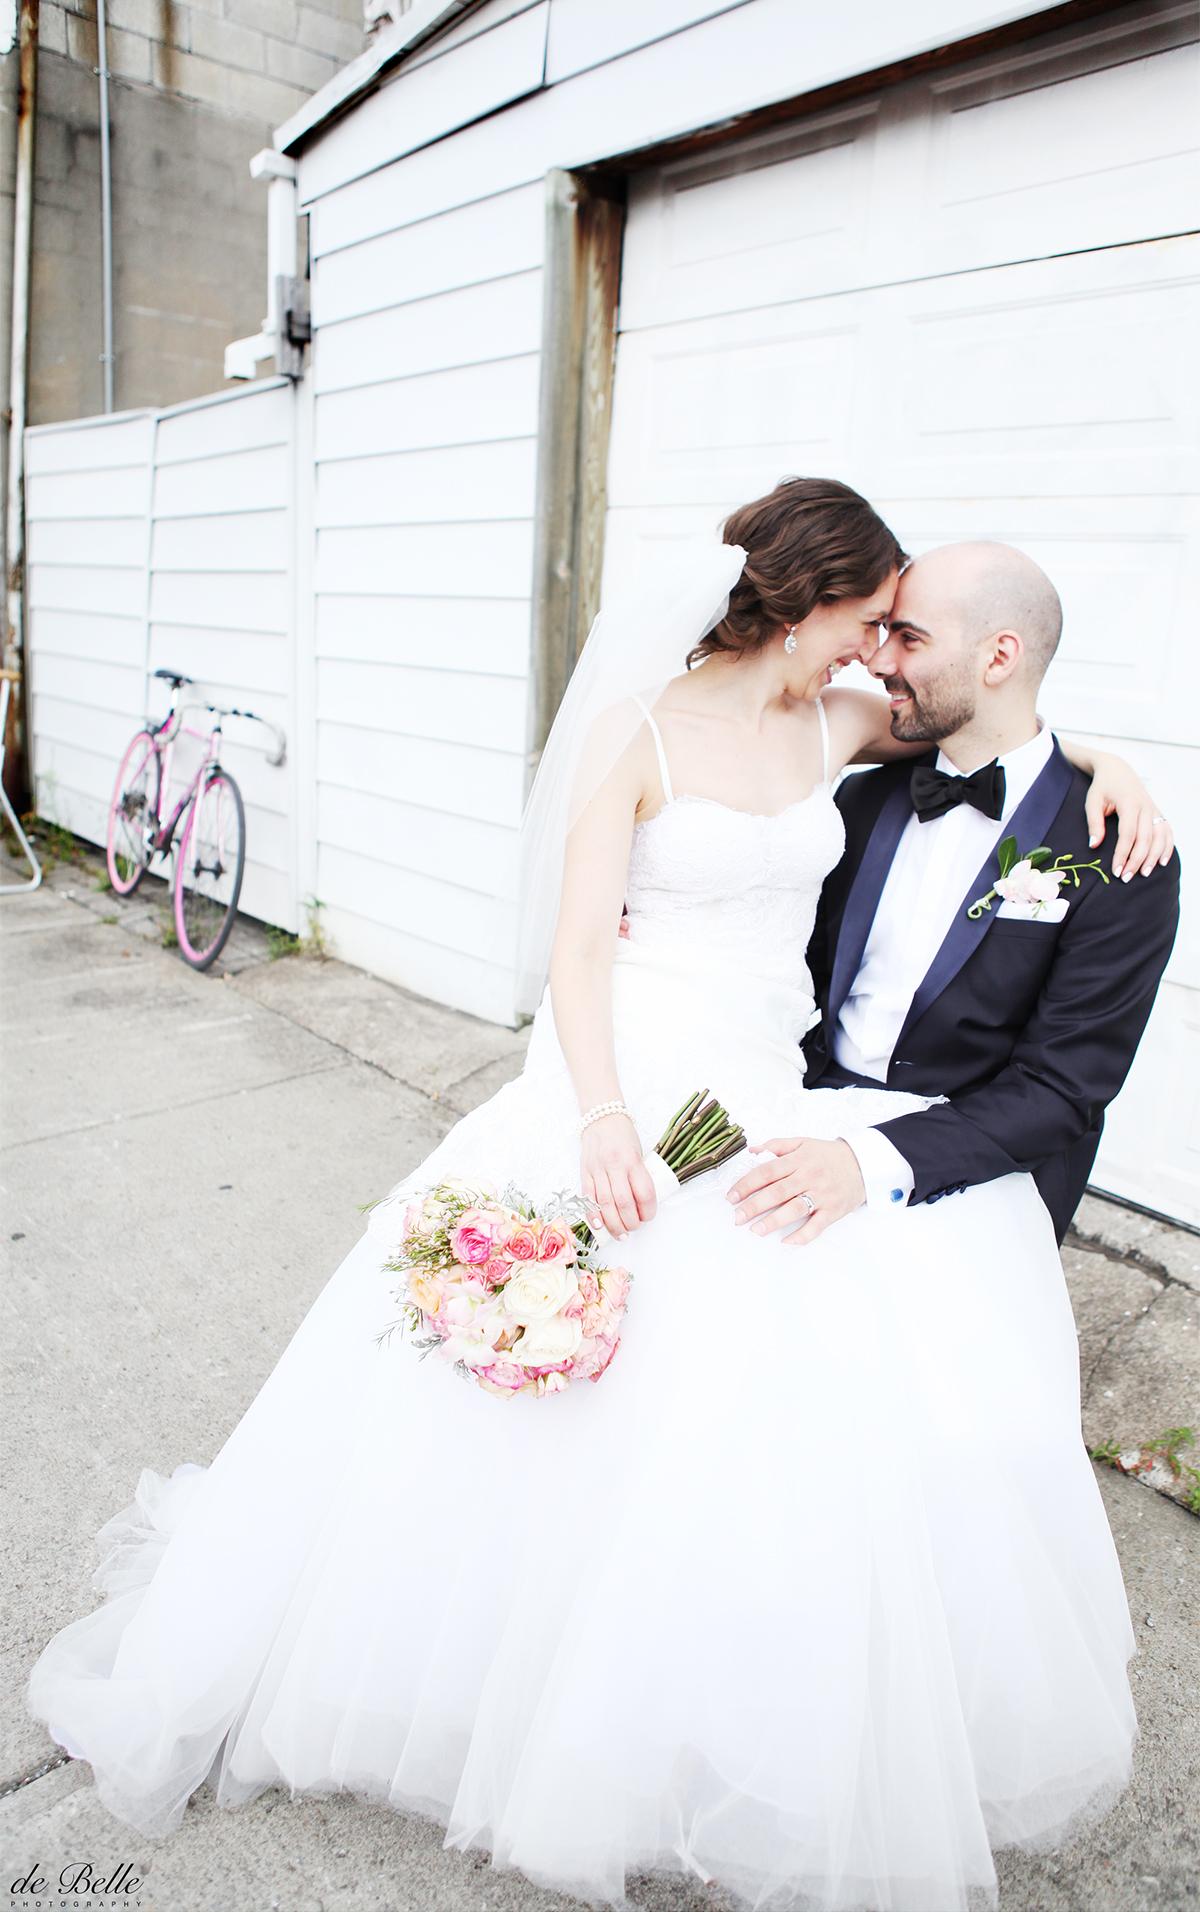 Montreal-Wedding-Photographer-Debelle-SD6